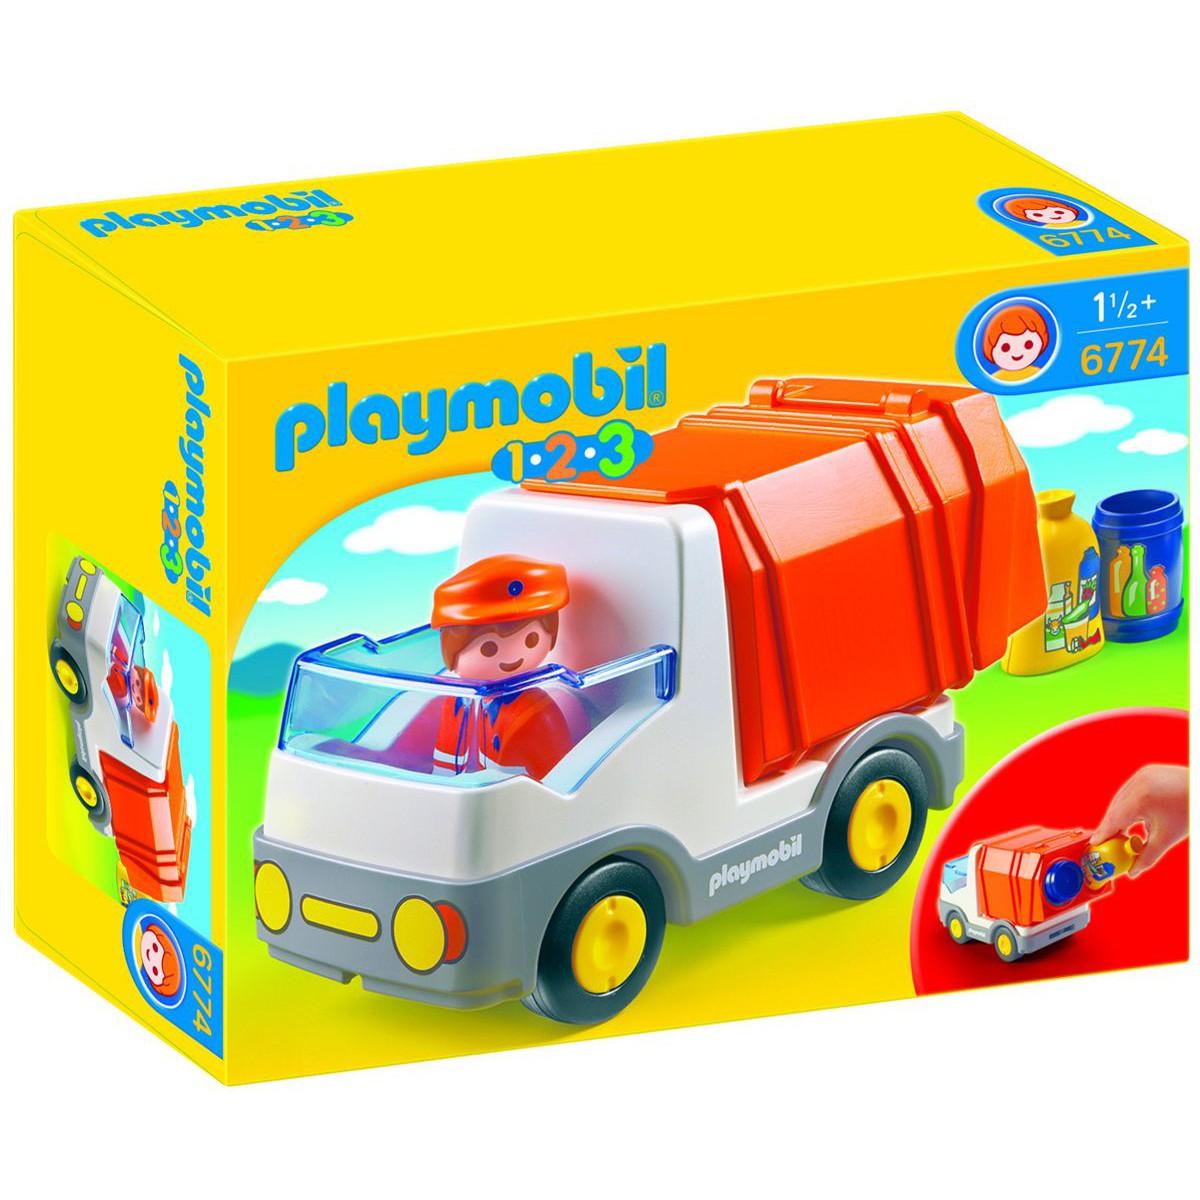 Playmobil bébé camion